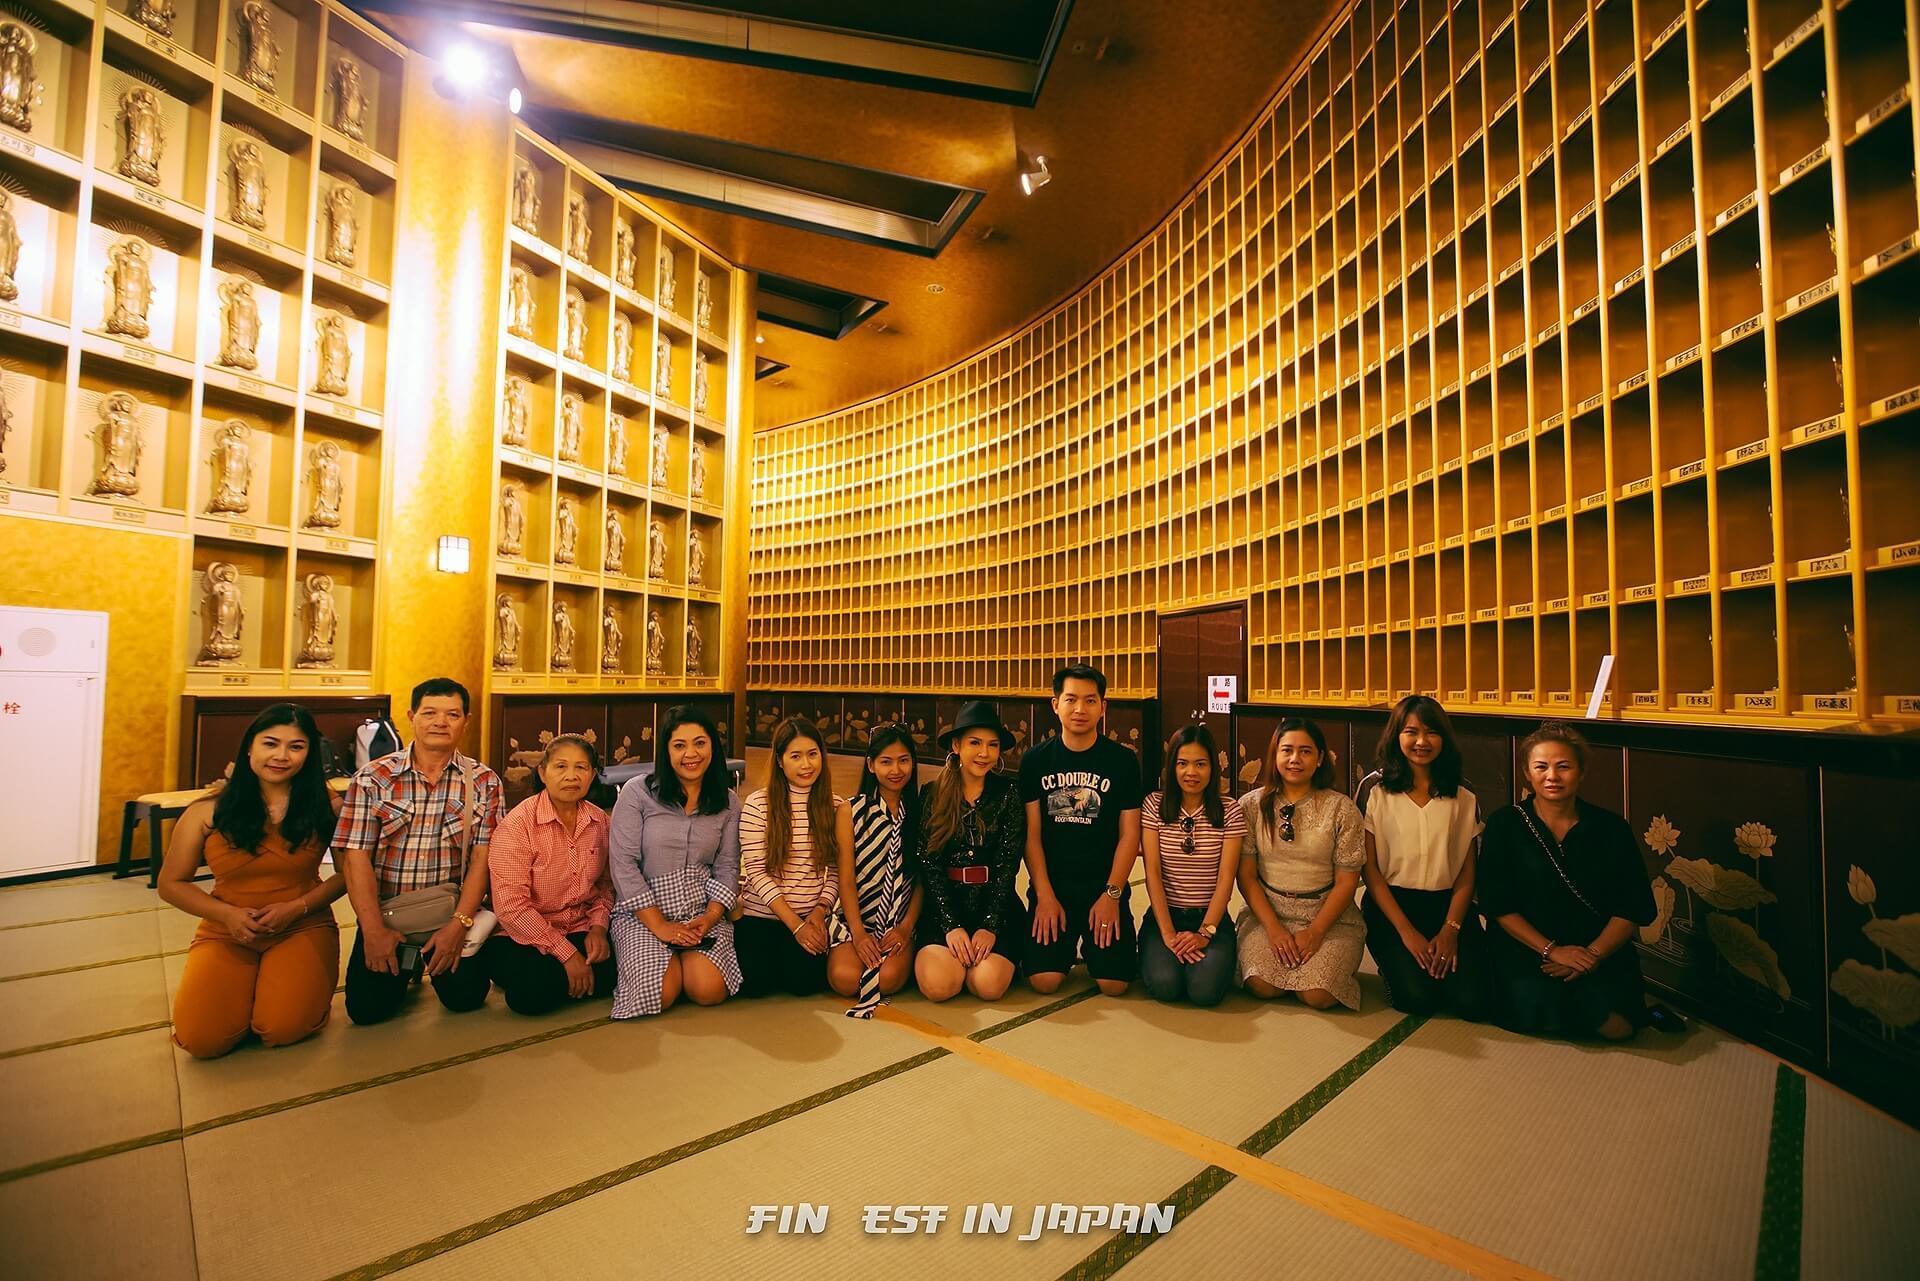 กรุ๊ป Finest  ทริปญี่ปุ่น 6-10 กันยายน 61